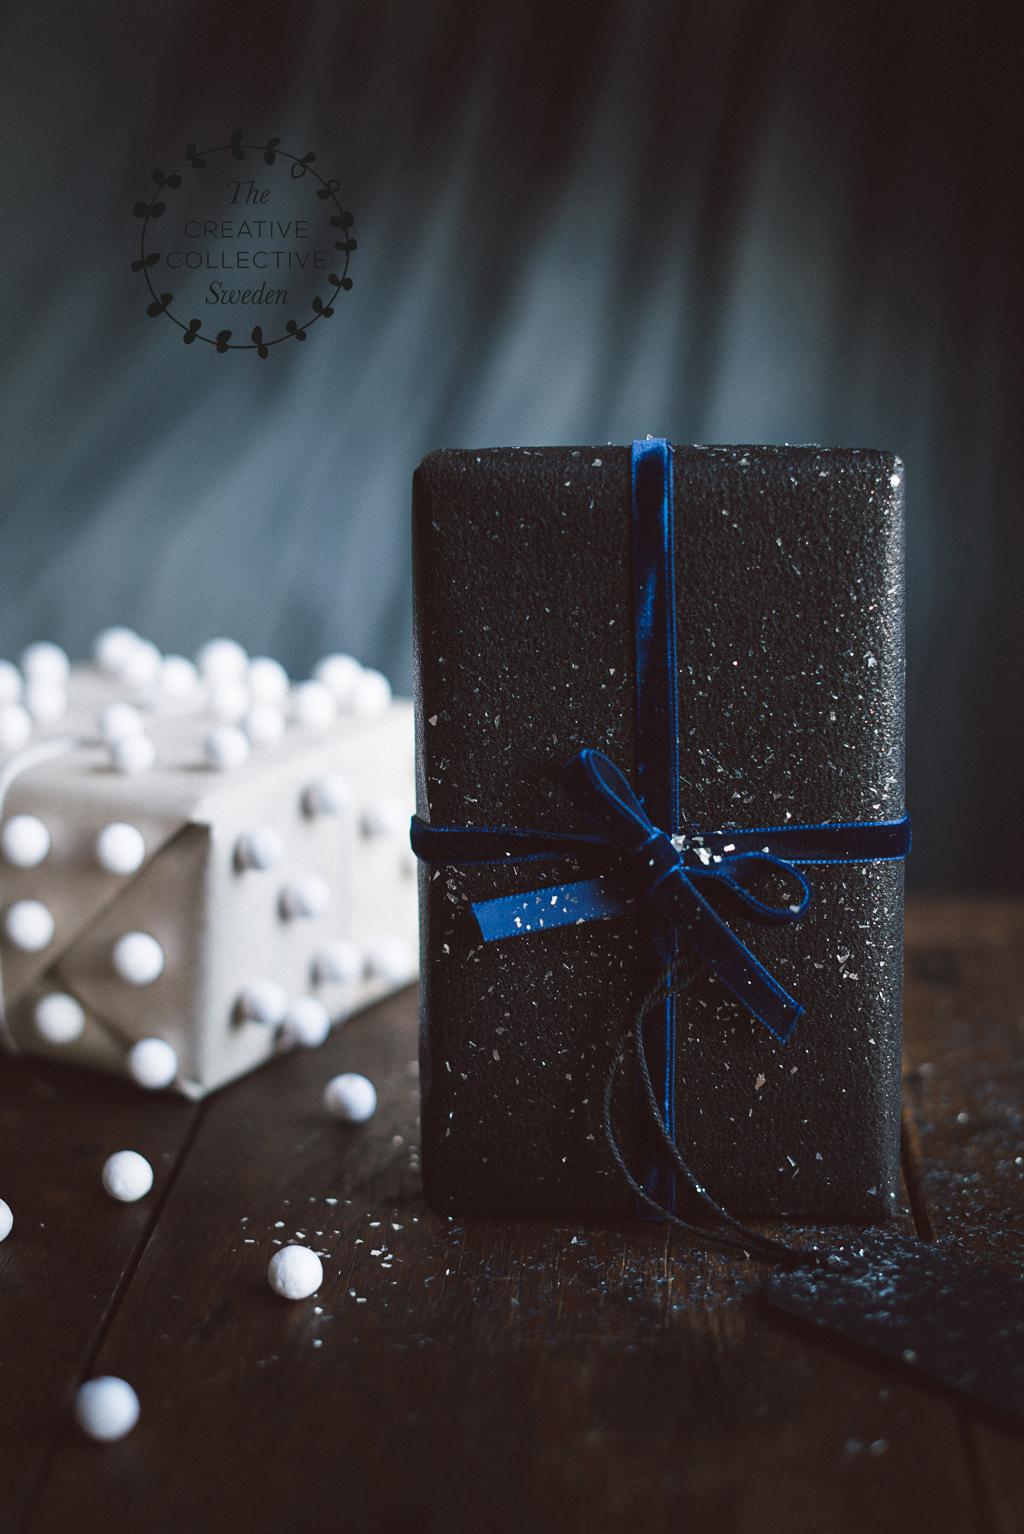 babes_in_boyland-wrapping_creative_calendar_thecreativecollectivesweden